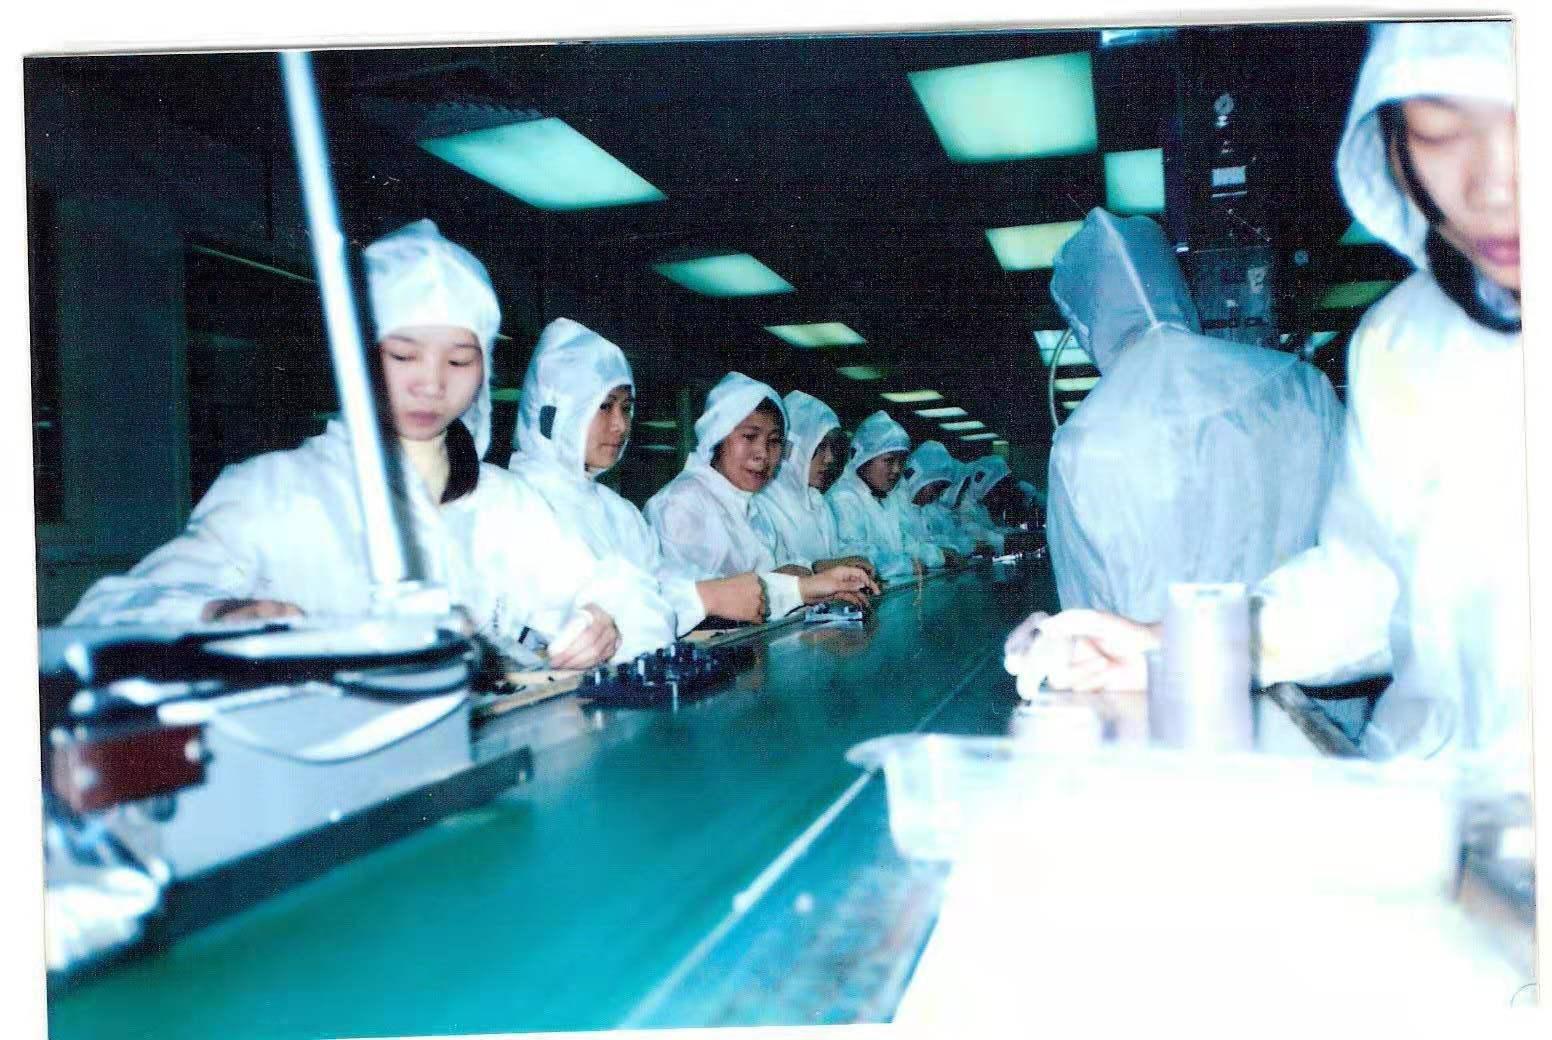 Работа на поточной линии. Фото из личного архива Чжэн Сяоцюн.